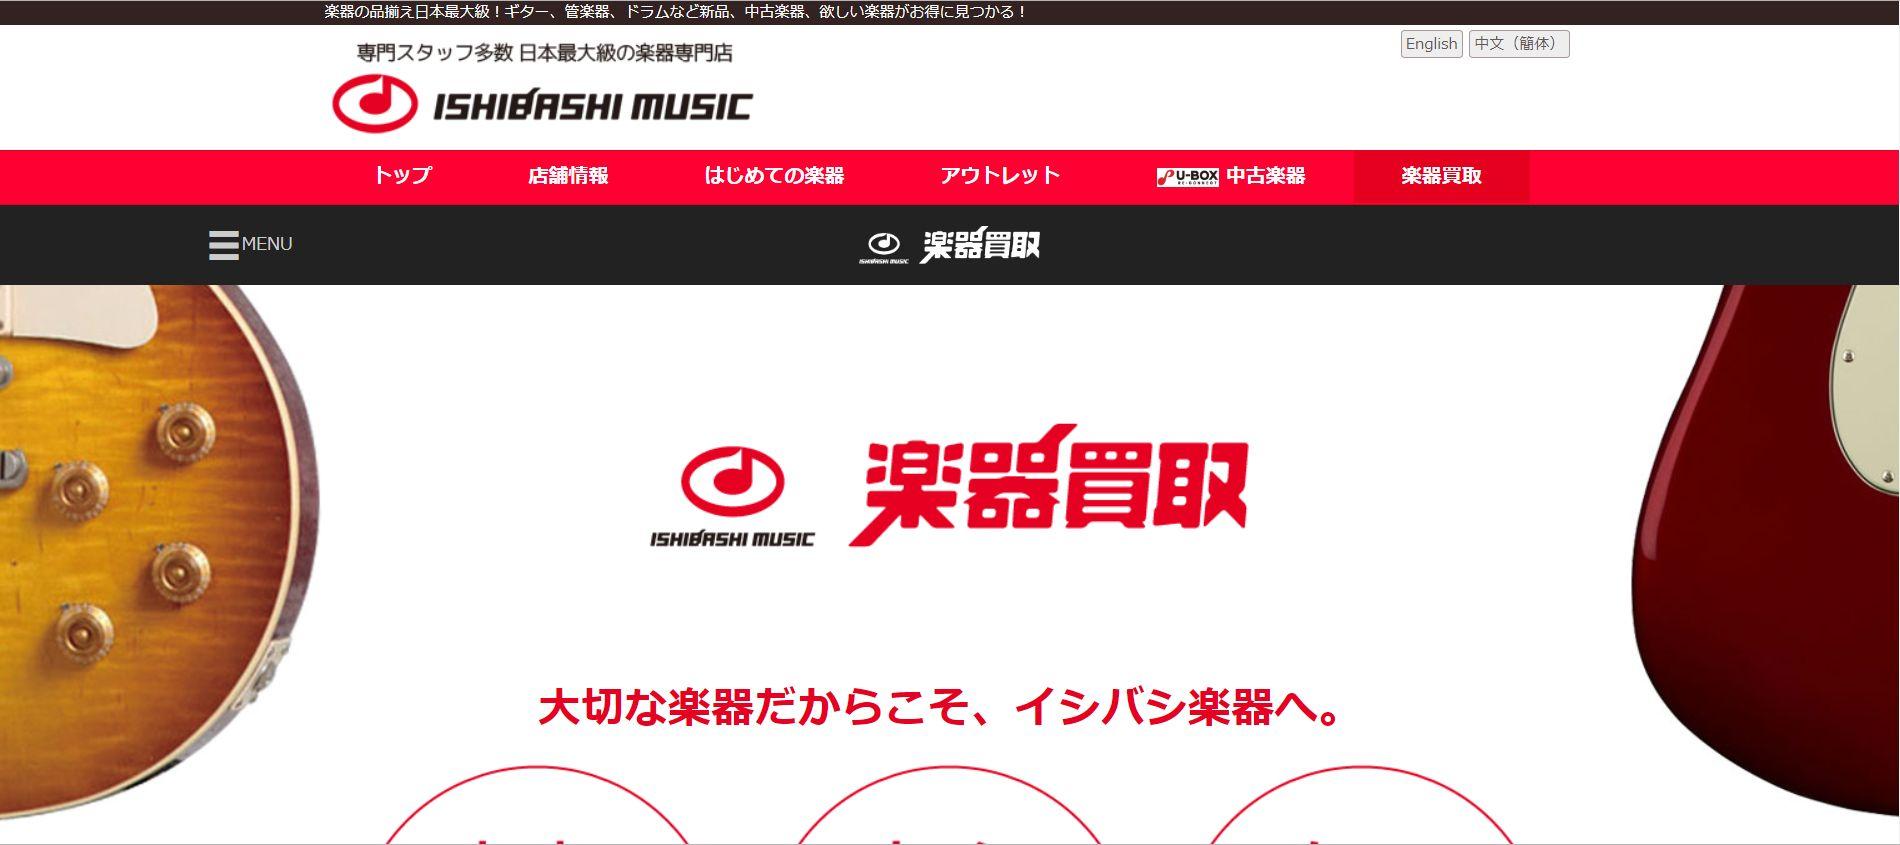 イシバシ楽器のギター買取